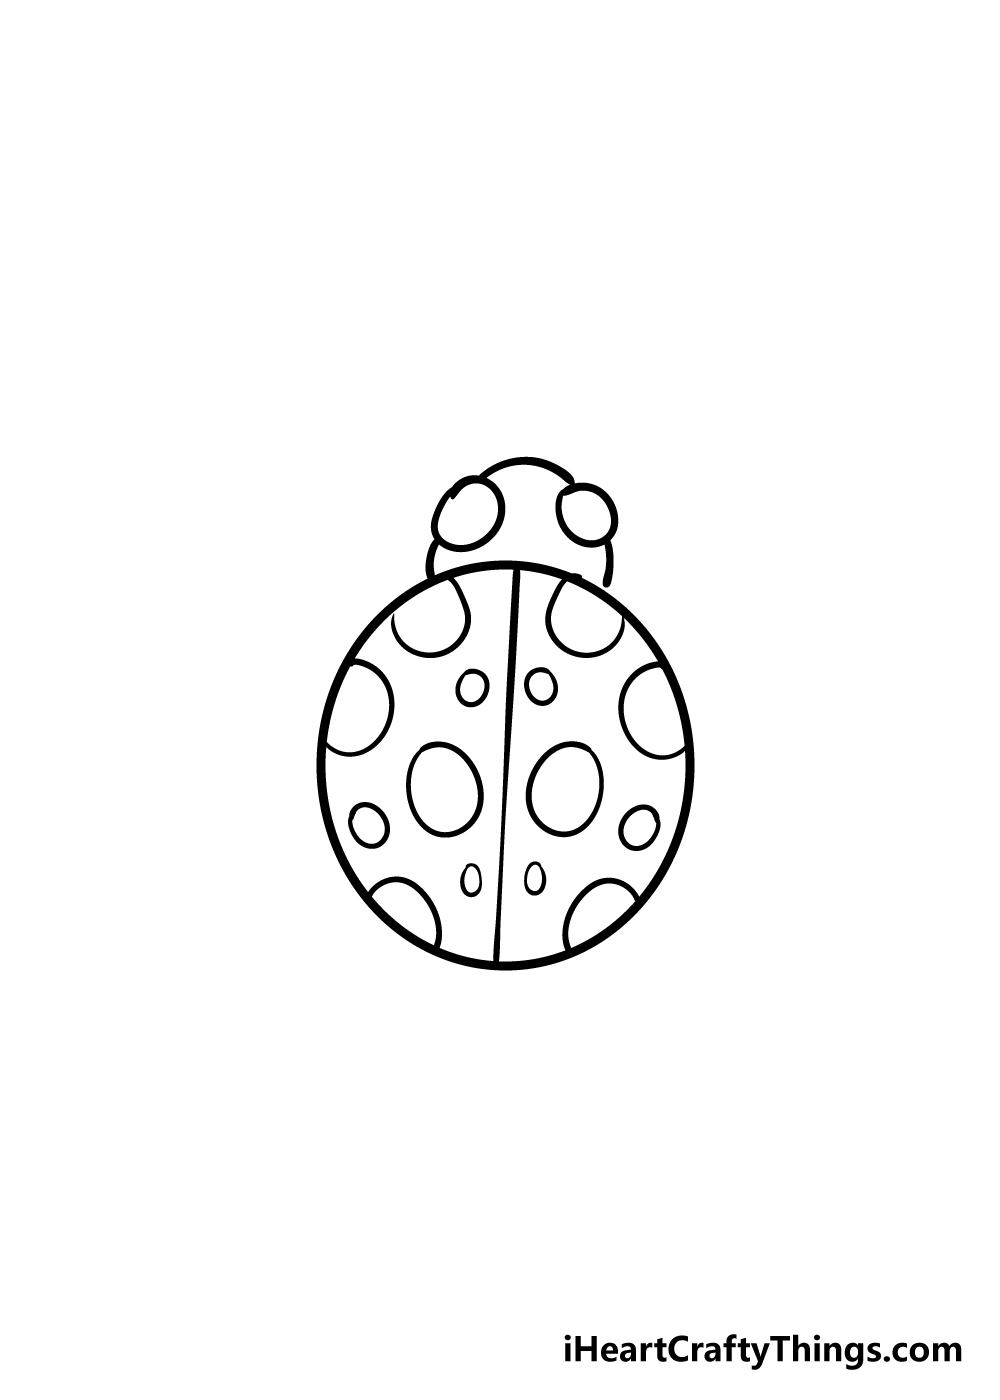 ladybug drawing step 4